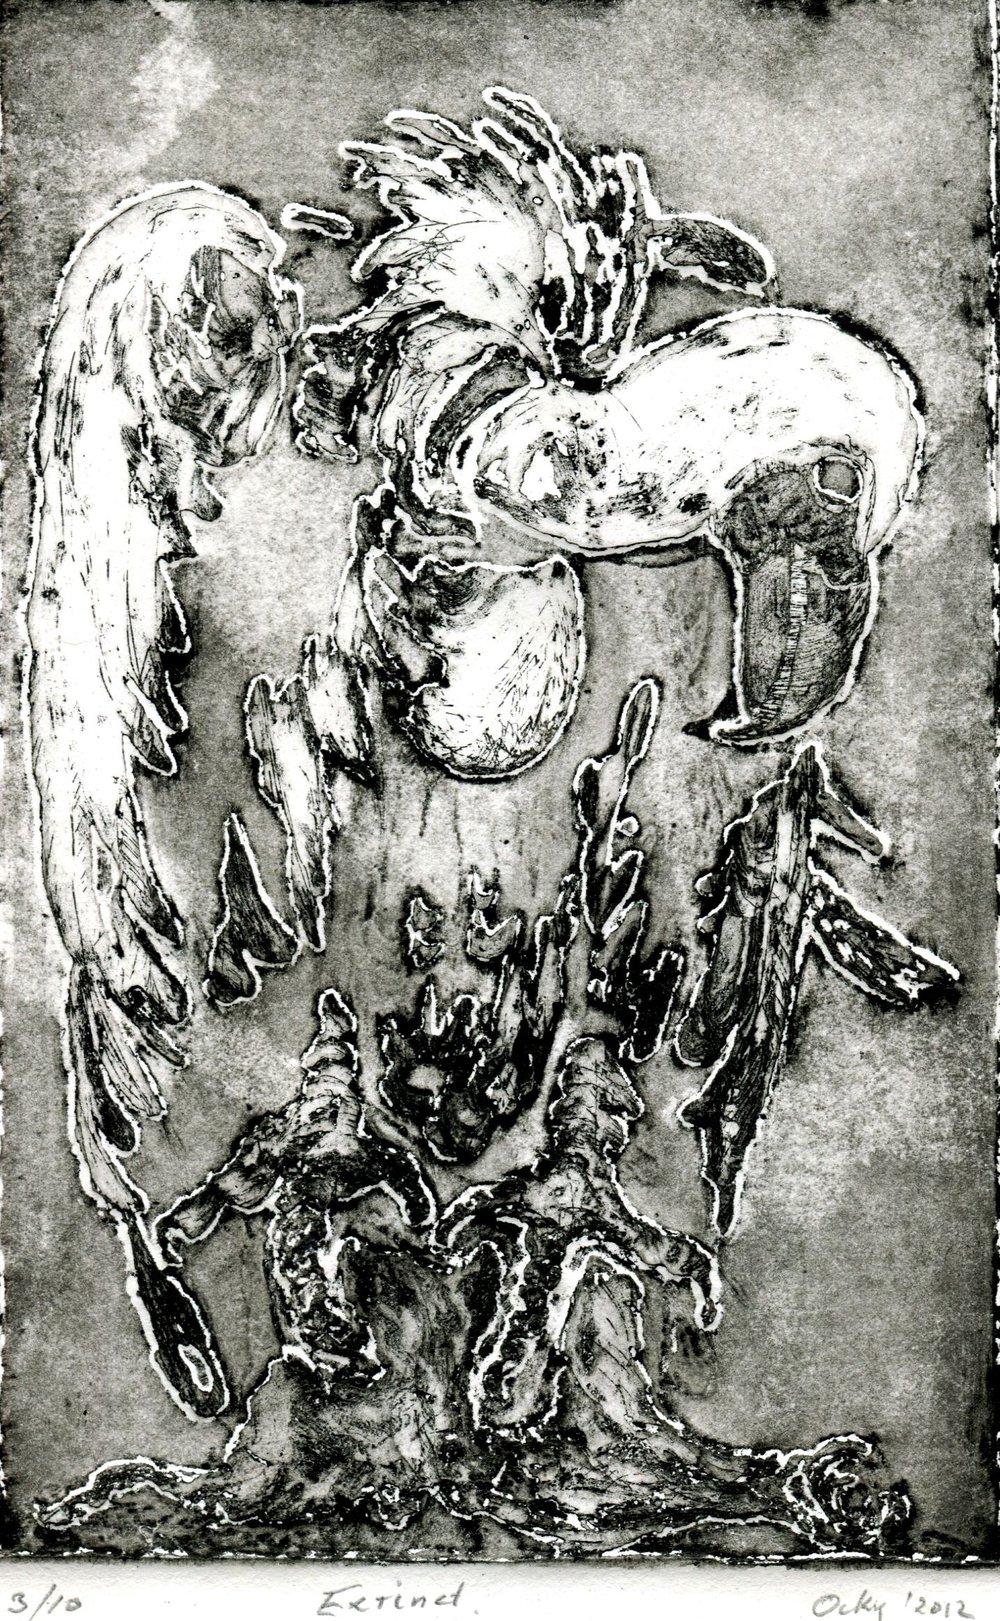 52b Ockert Kruger,  Extinct, Etching on paper